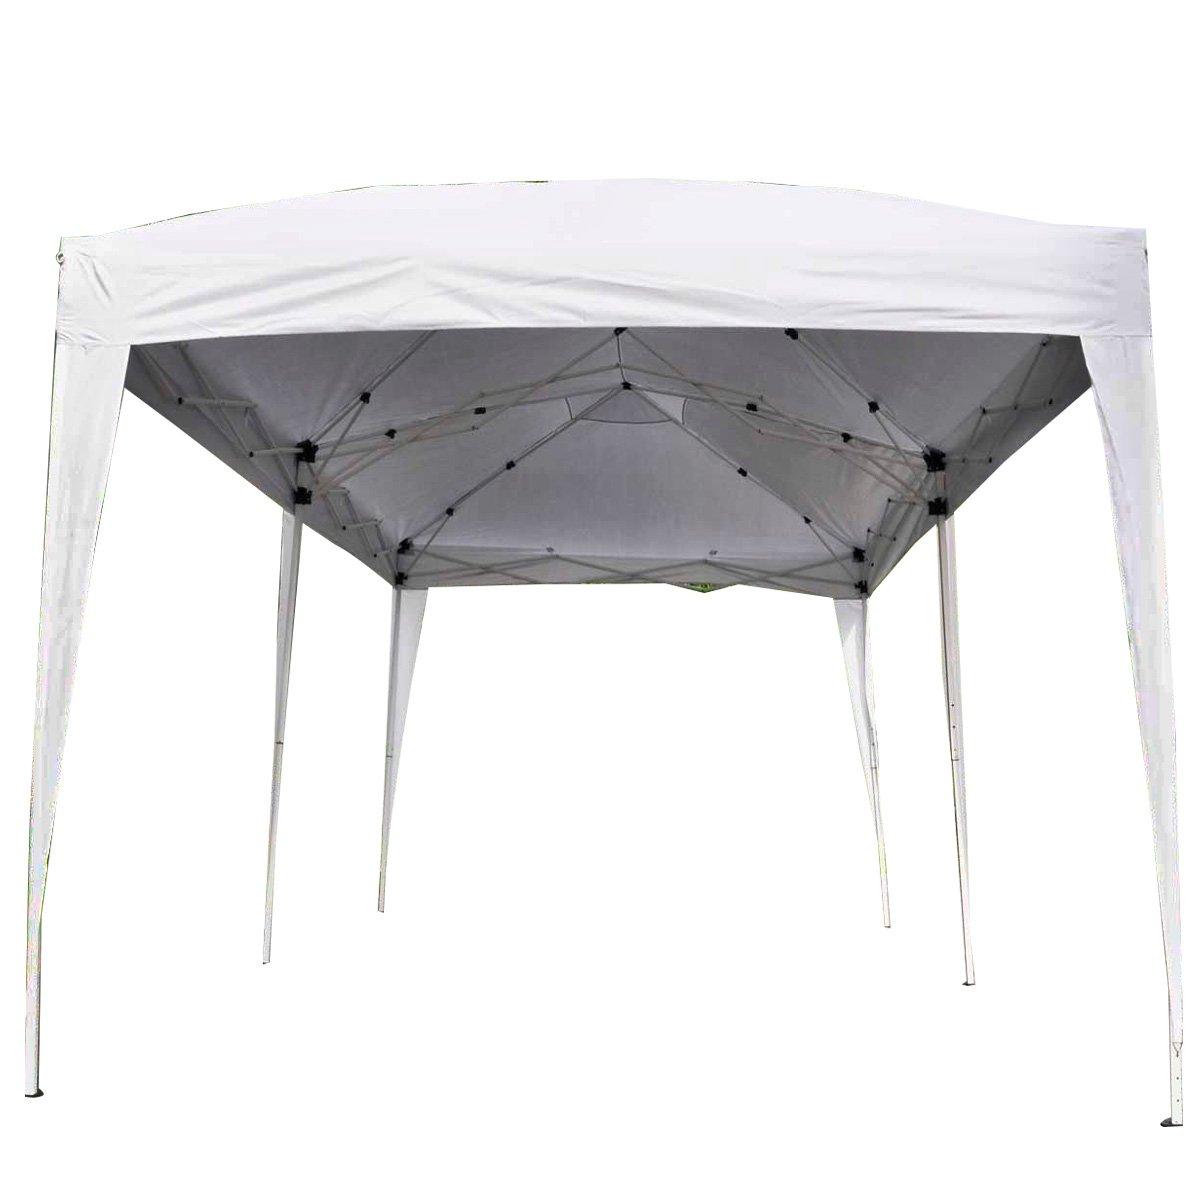 Giantex 10'x20' Ez POP up Wedding Party Tent Folding Gazebo Beach Canopy W/carry Bag